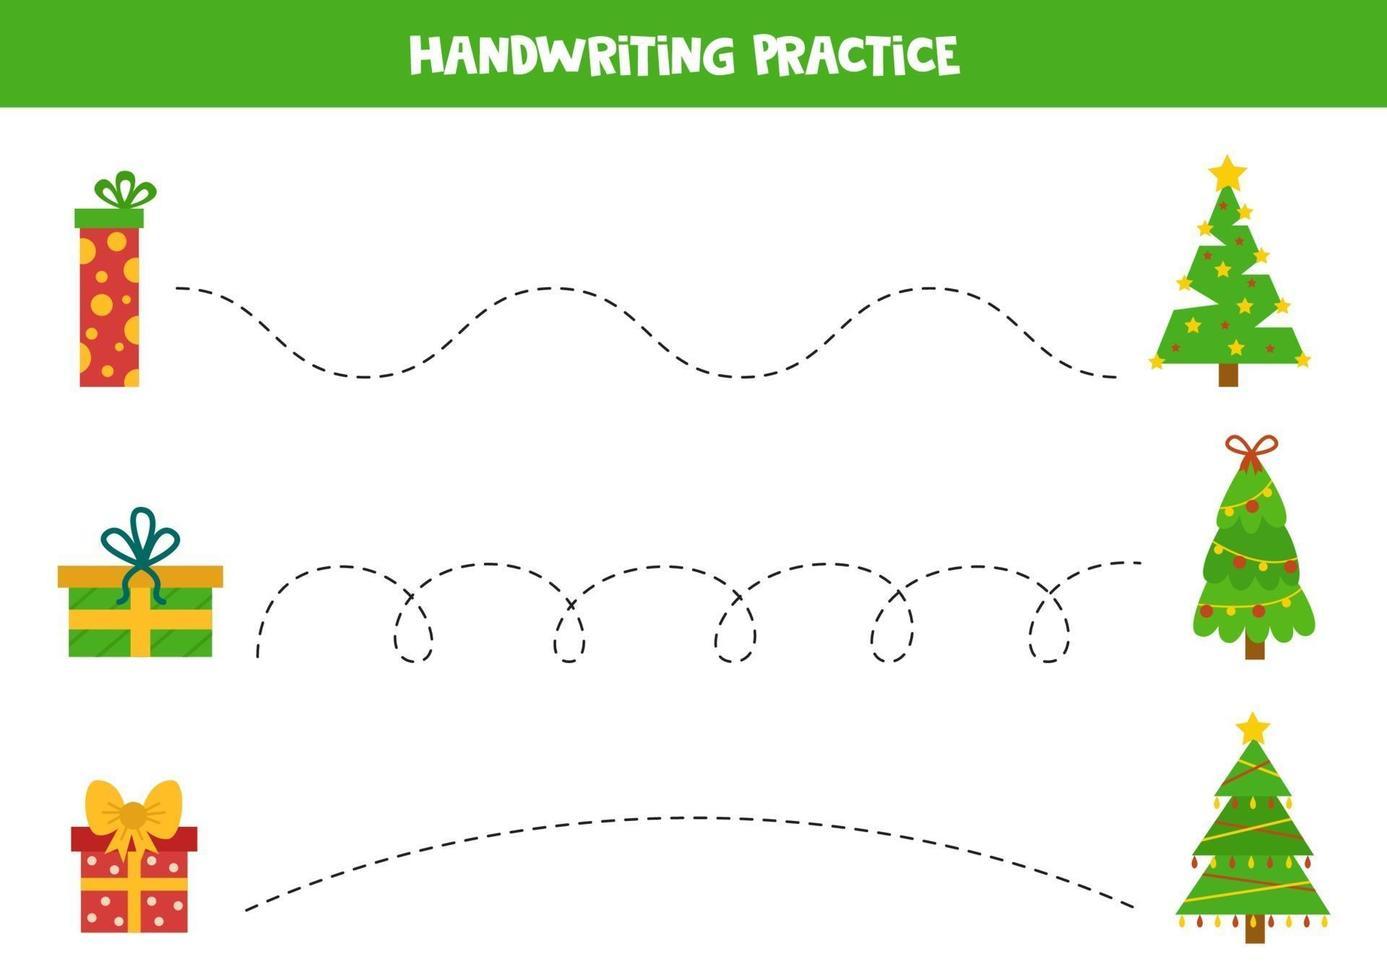 tracciare linee con scatole regalo di Natale e abeti. vettore